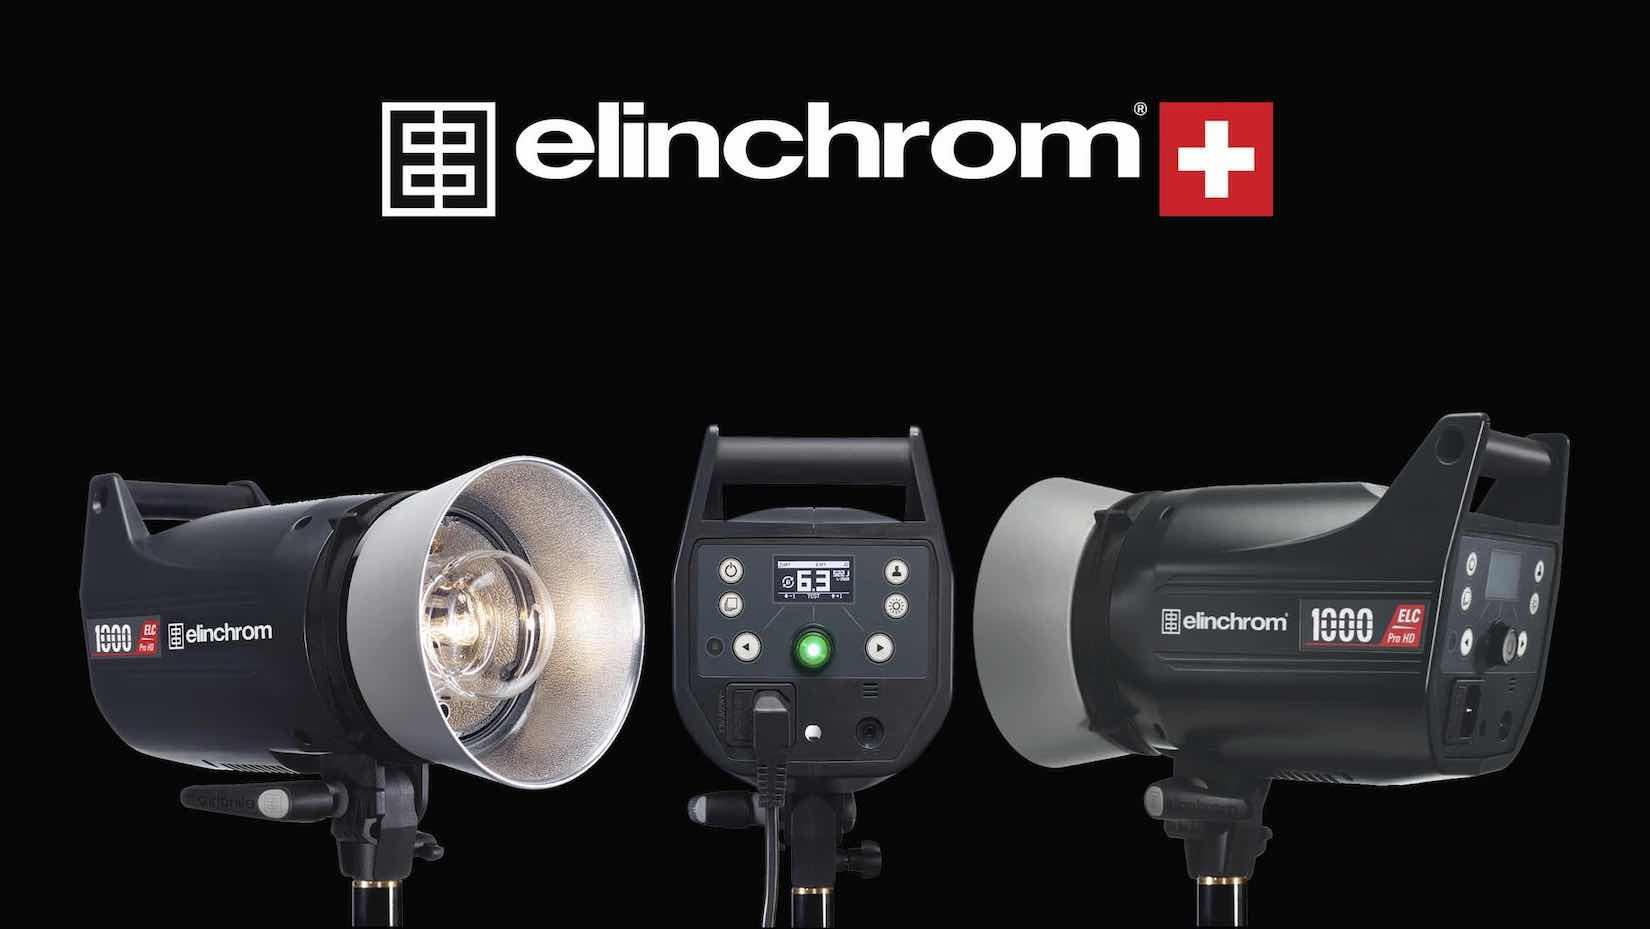 Las ELC Pro HD son la solución para fotógrafos que exigen calidad y rapidez